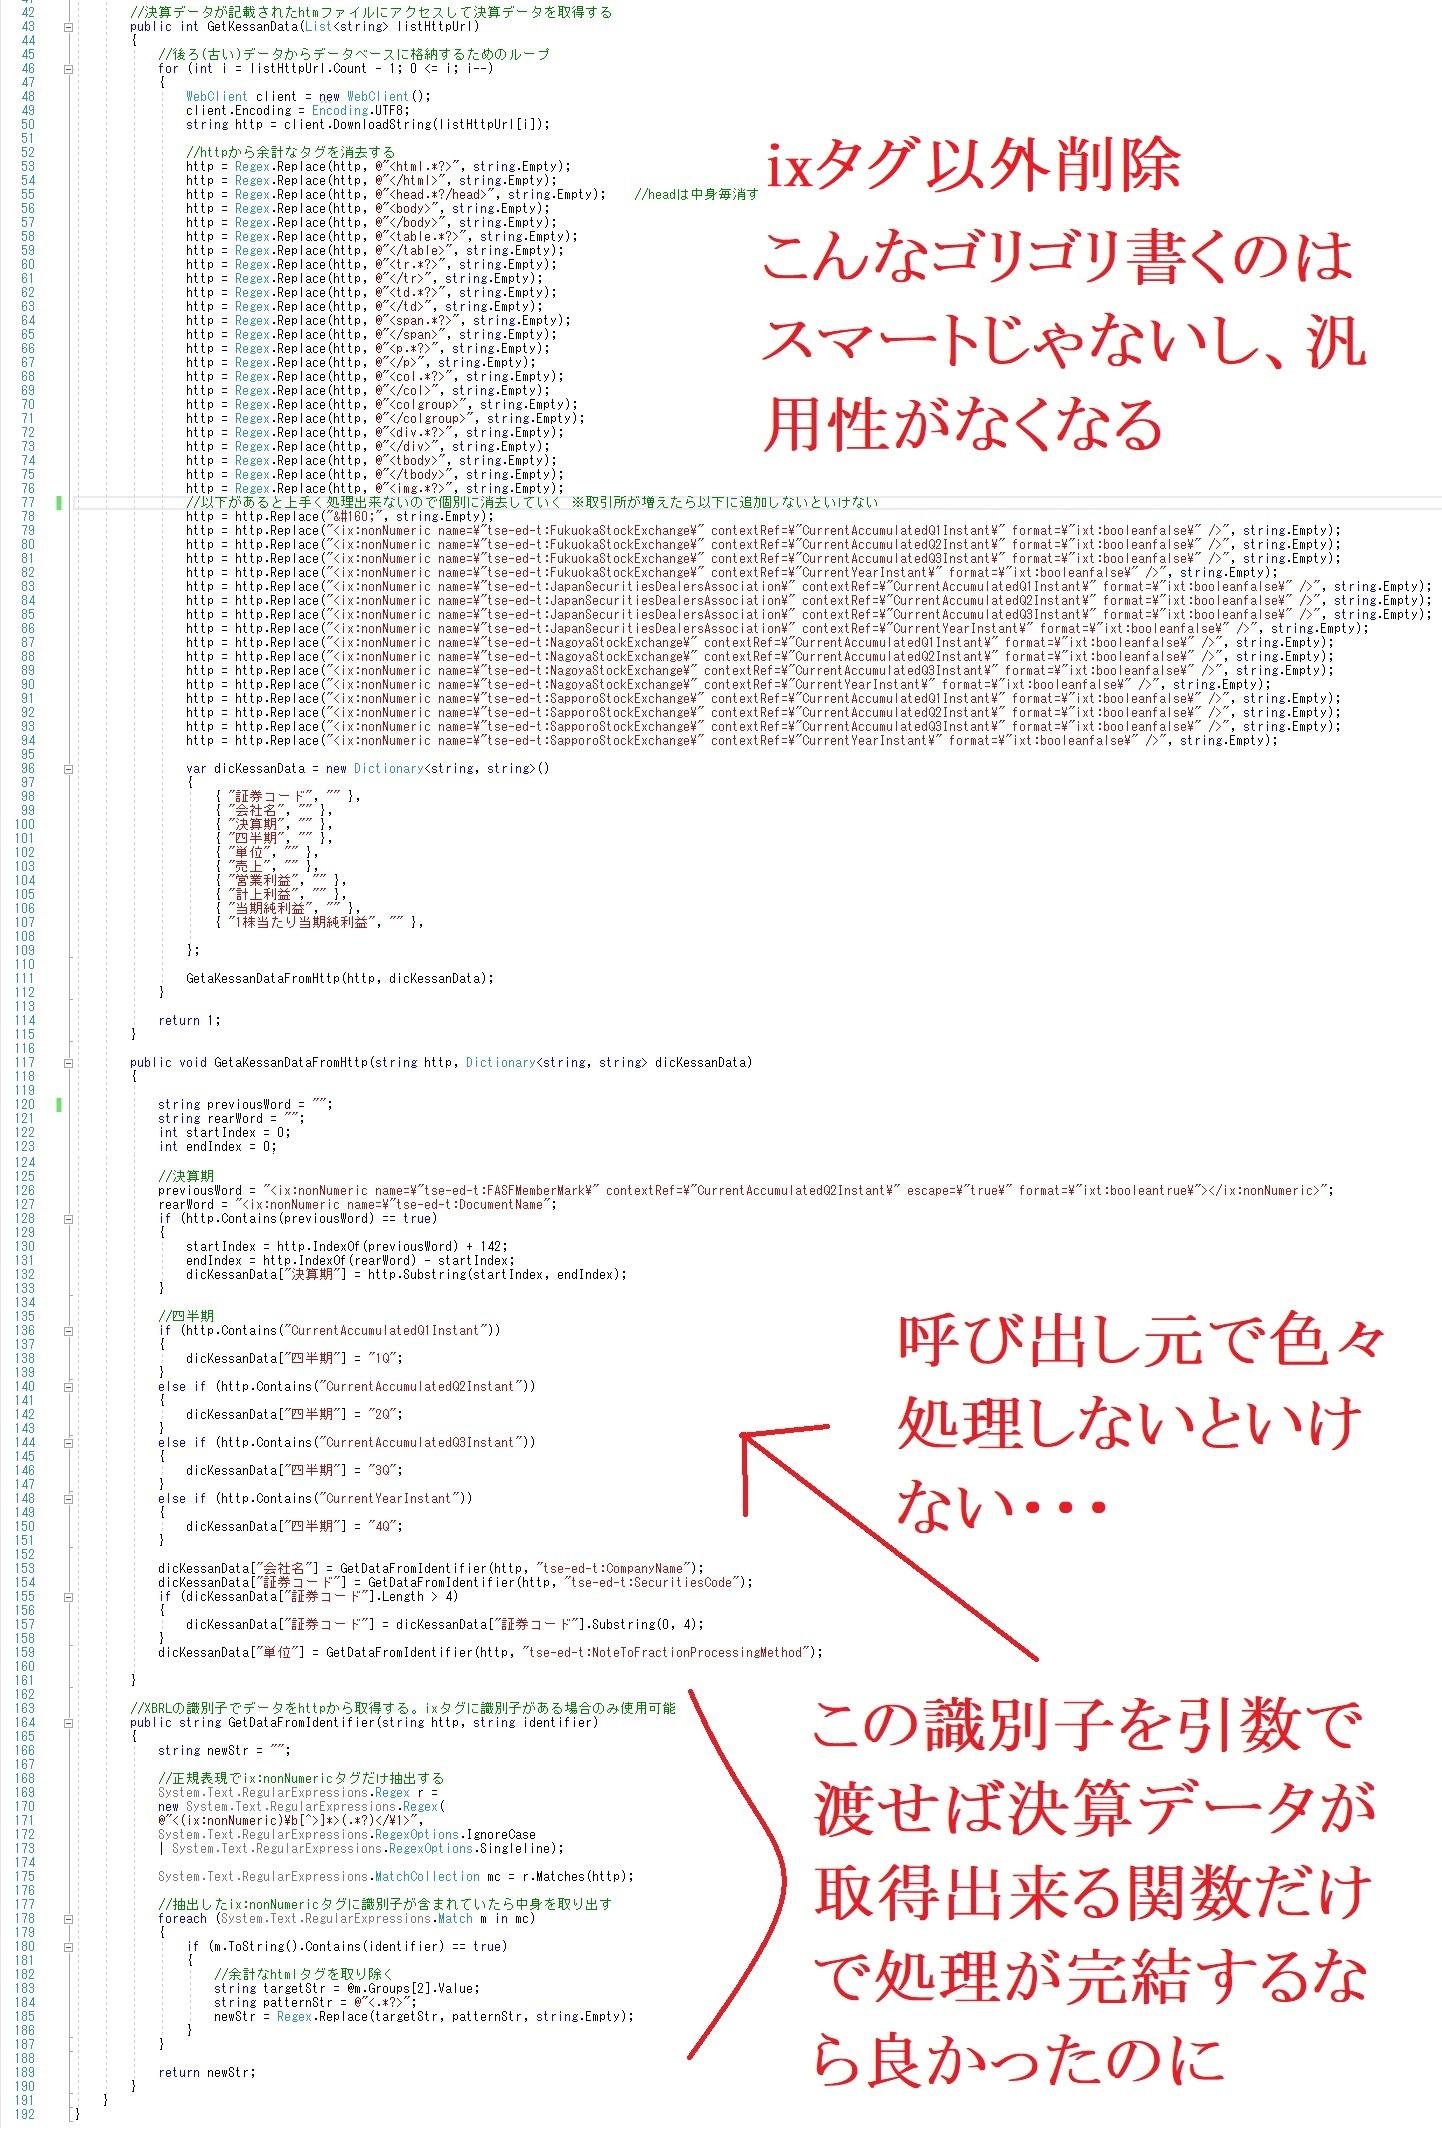 20190524XRBLデータ取得コード